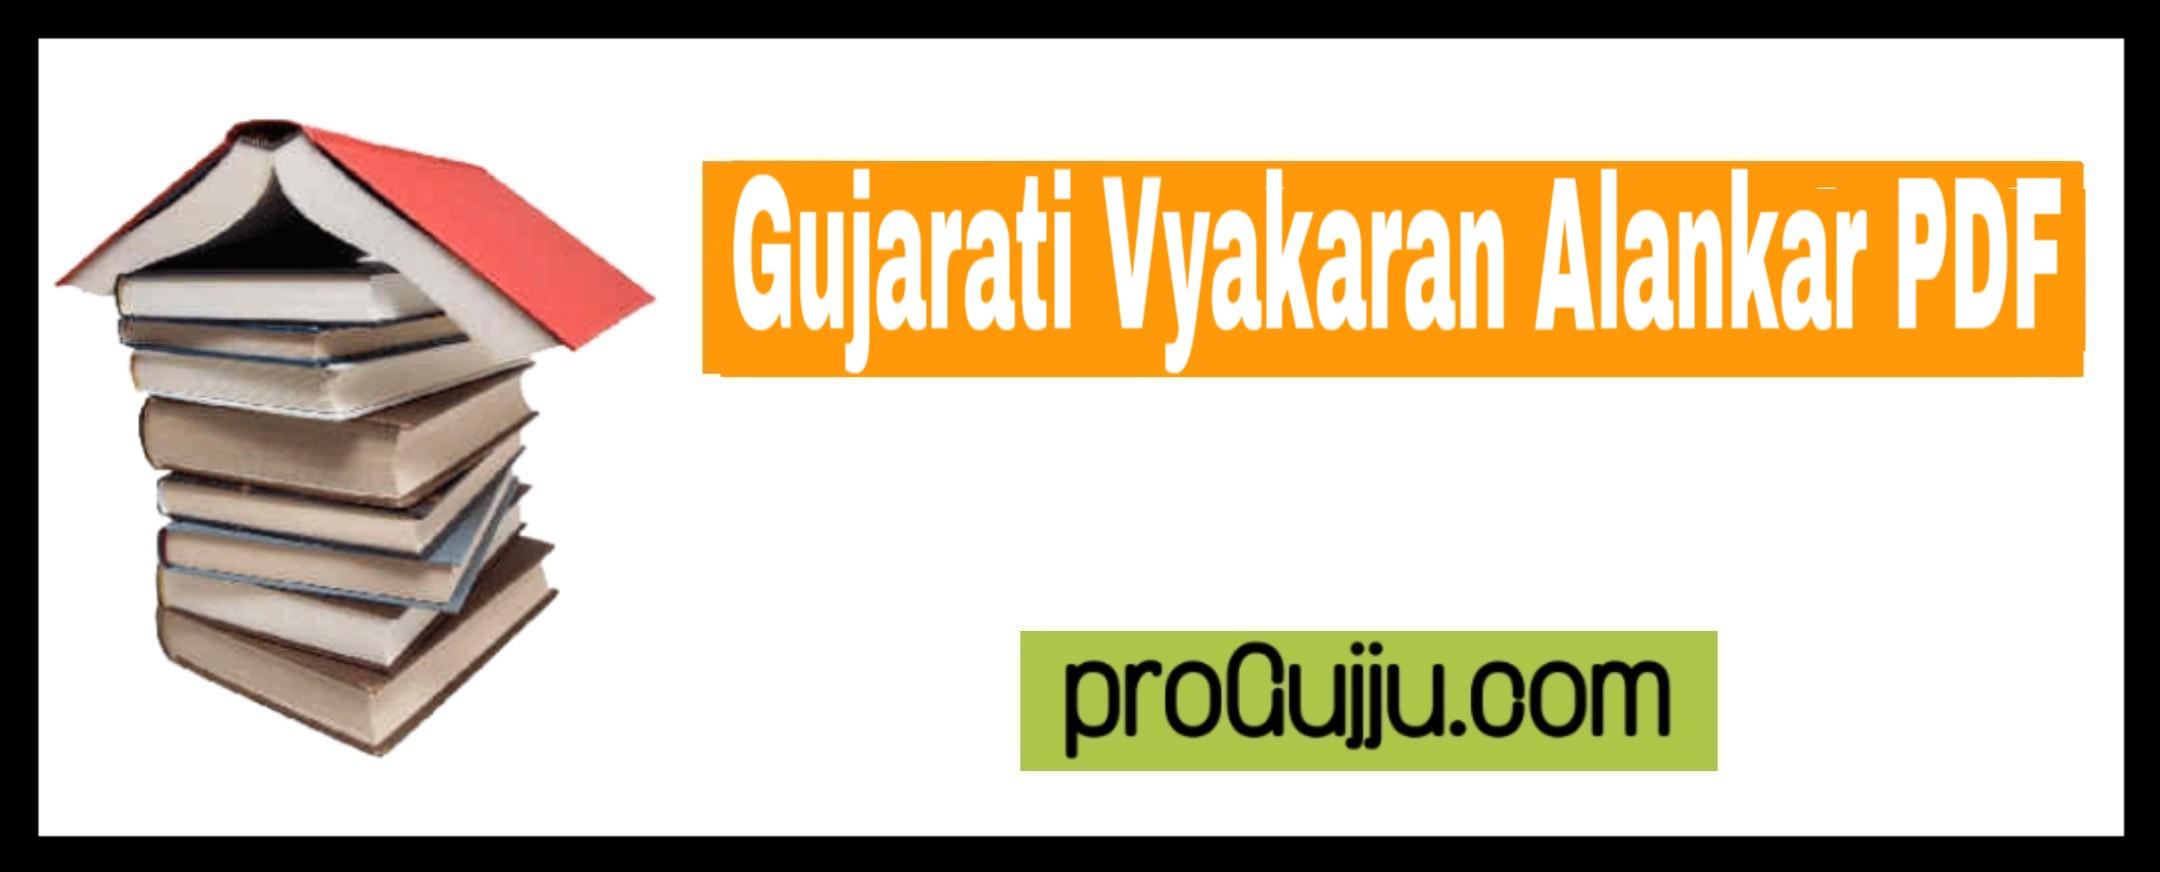 Gujarati Vyakaran Alankar PDF